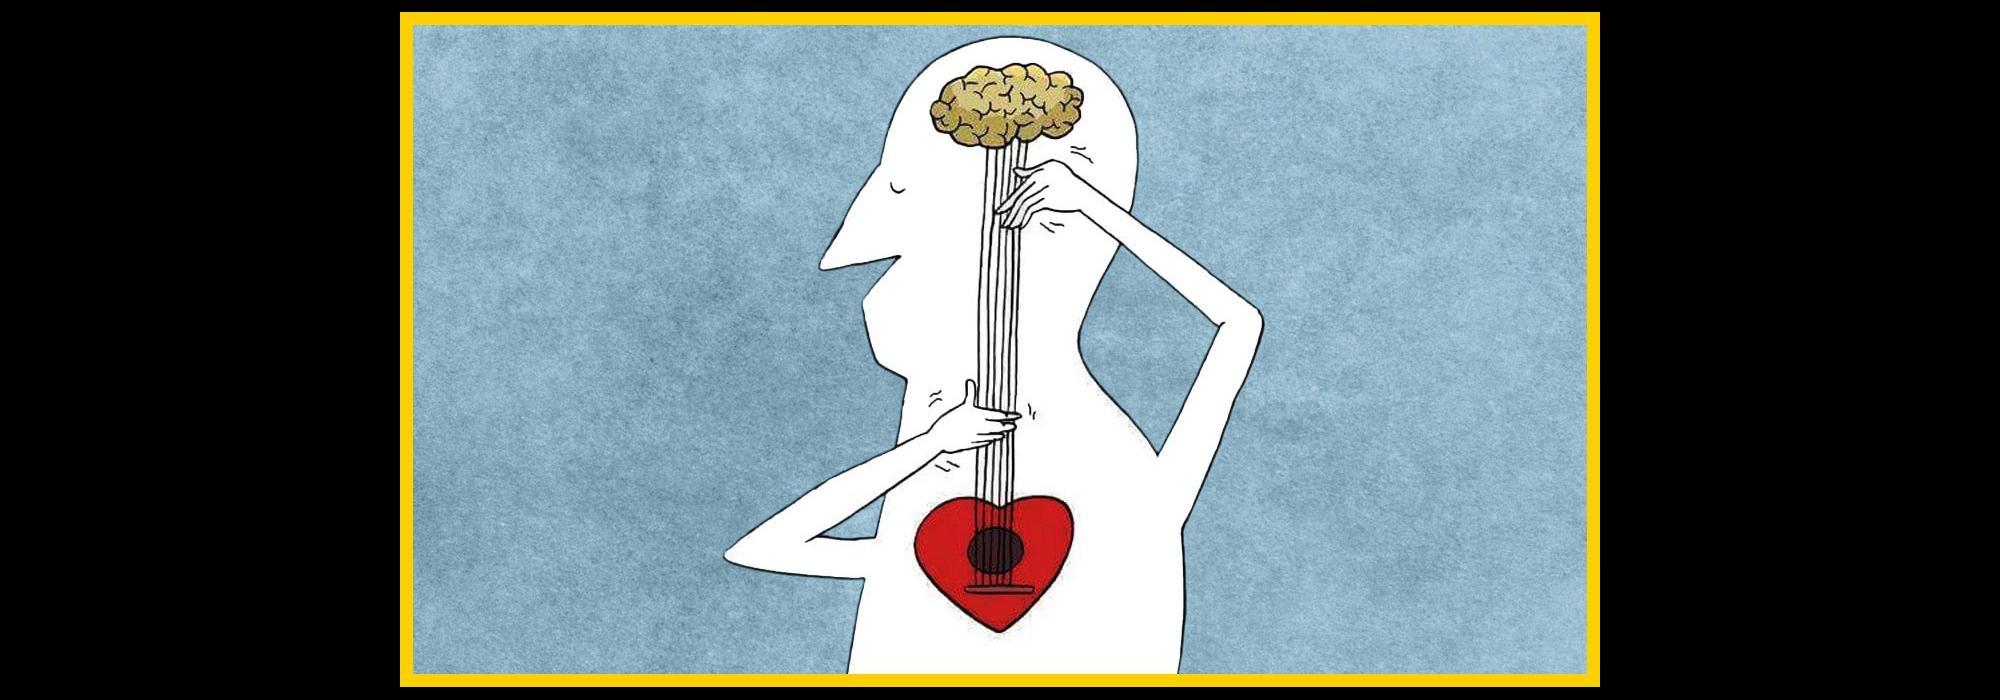 Representación musicoterapia.